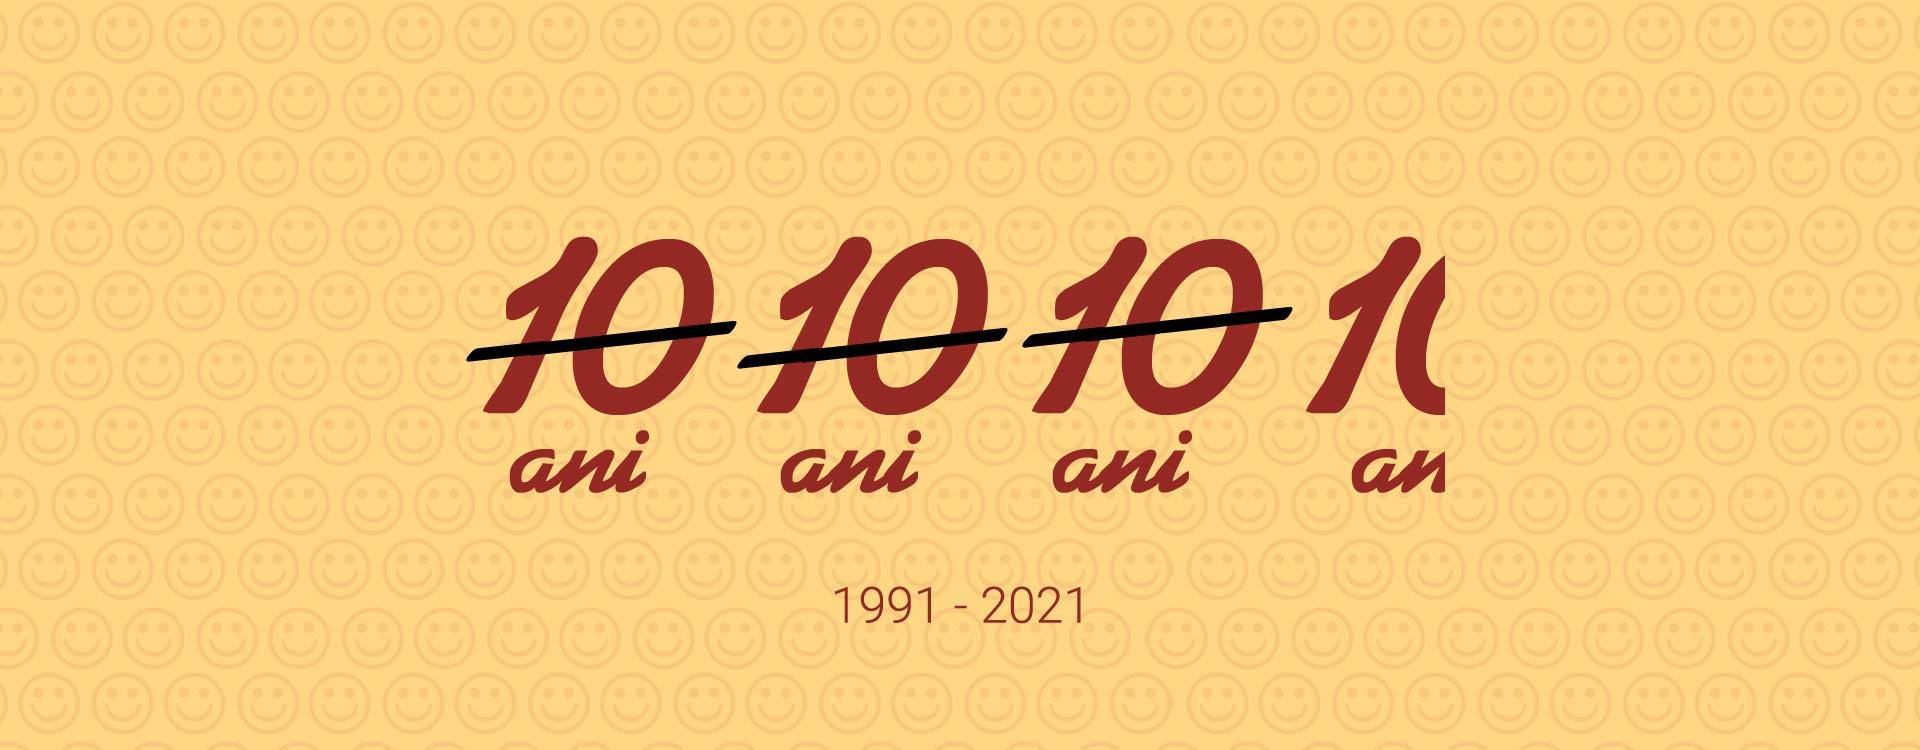 30 de ani de PUB18